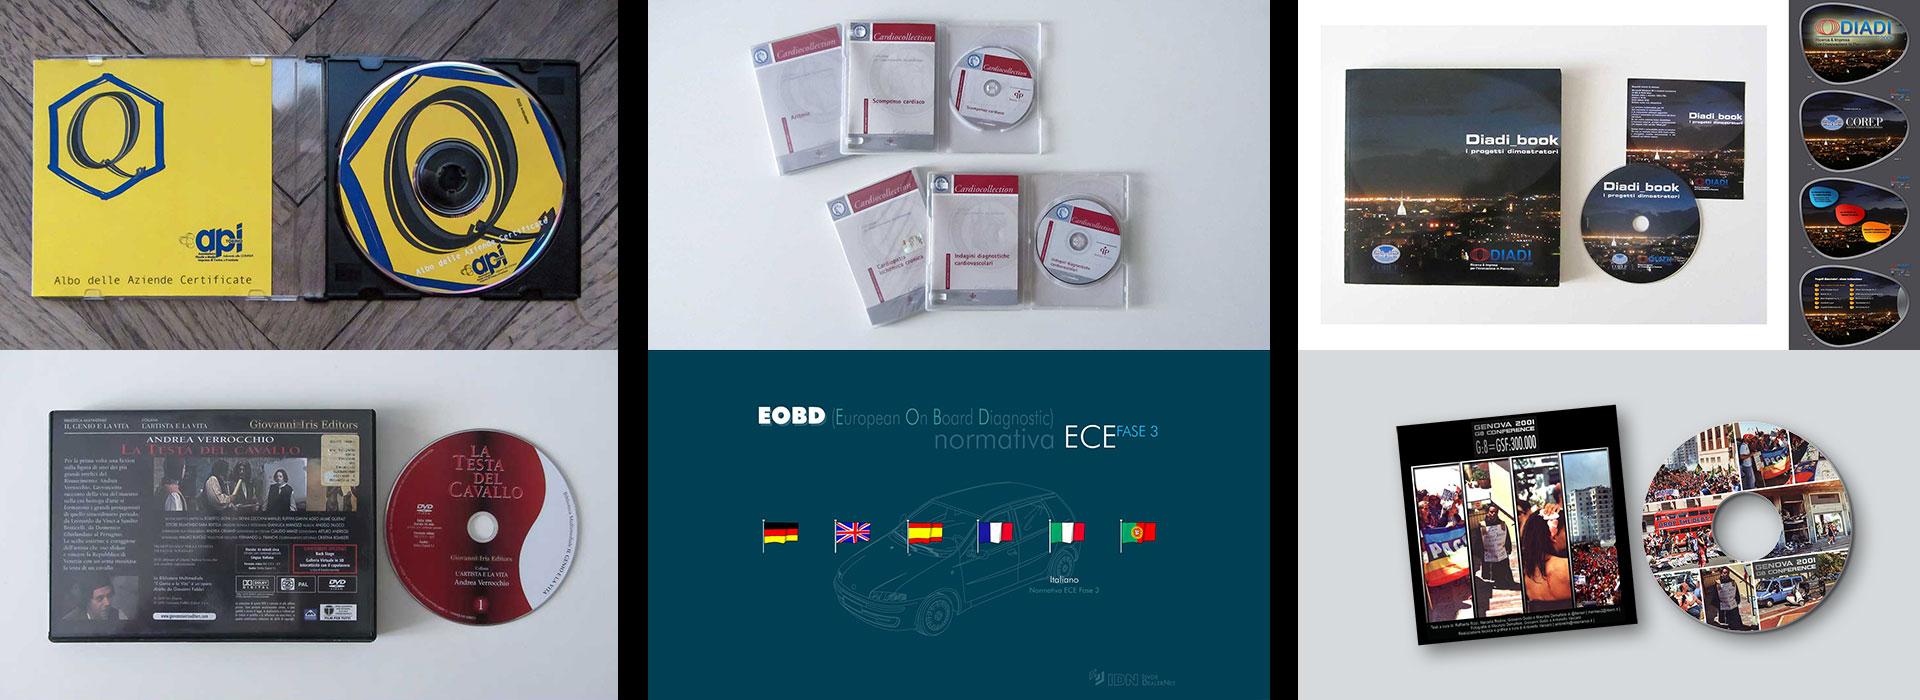 immagini di CD-ROM e DVD multimediali realizzati da Resonance - Venaria, Torino